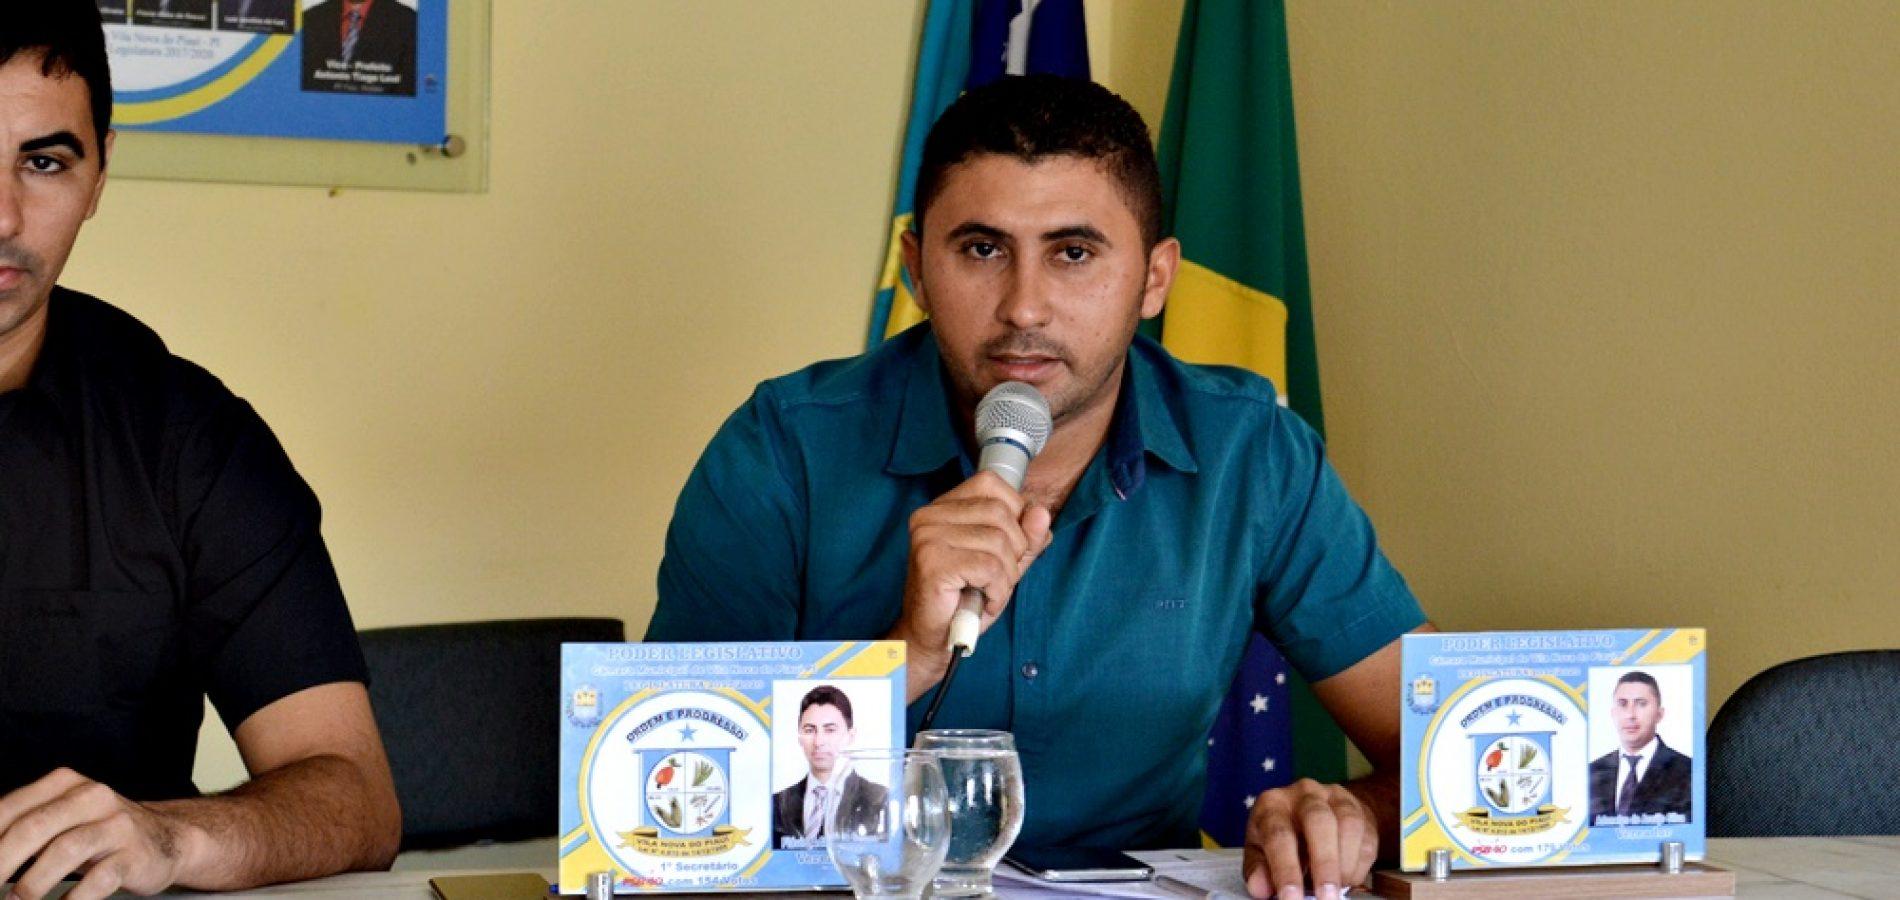 Vereador Adonelys Araújo solicita sinalização de via da PI Jovelino Romão da Silva, na localidade tanquinho